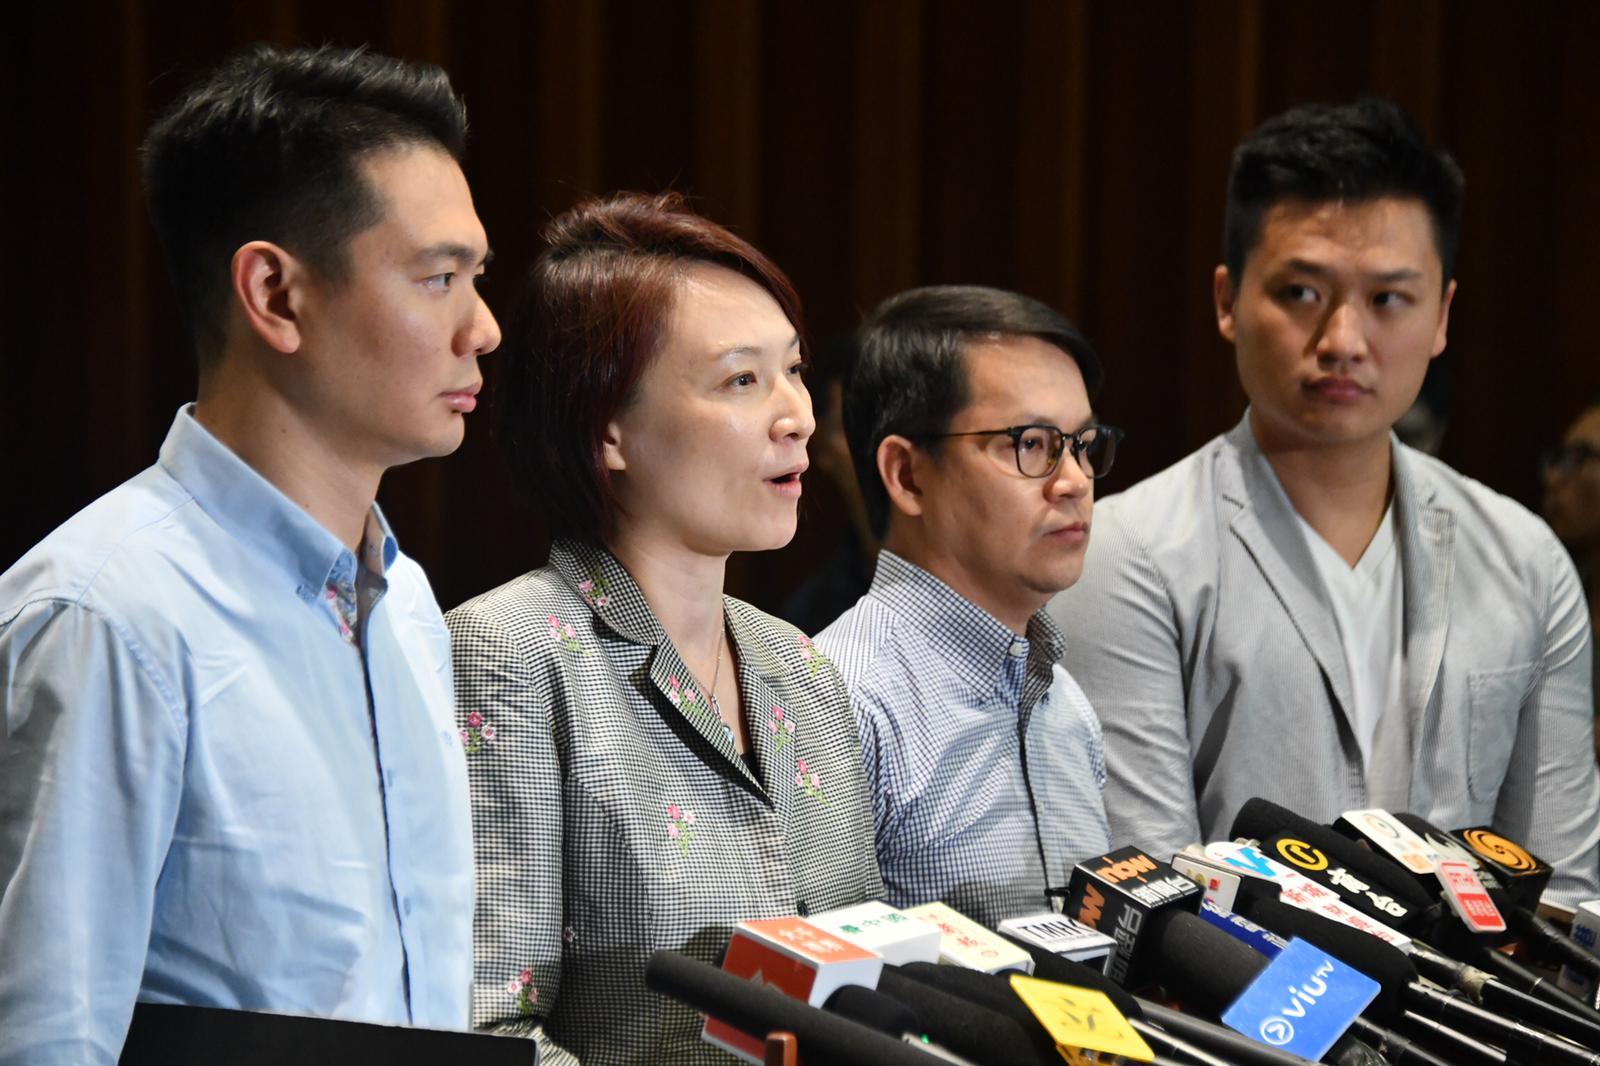 民建聯籲支持者冷靜讓議會盡快恢復運作。